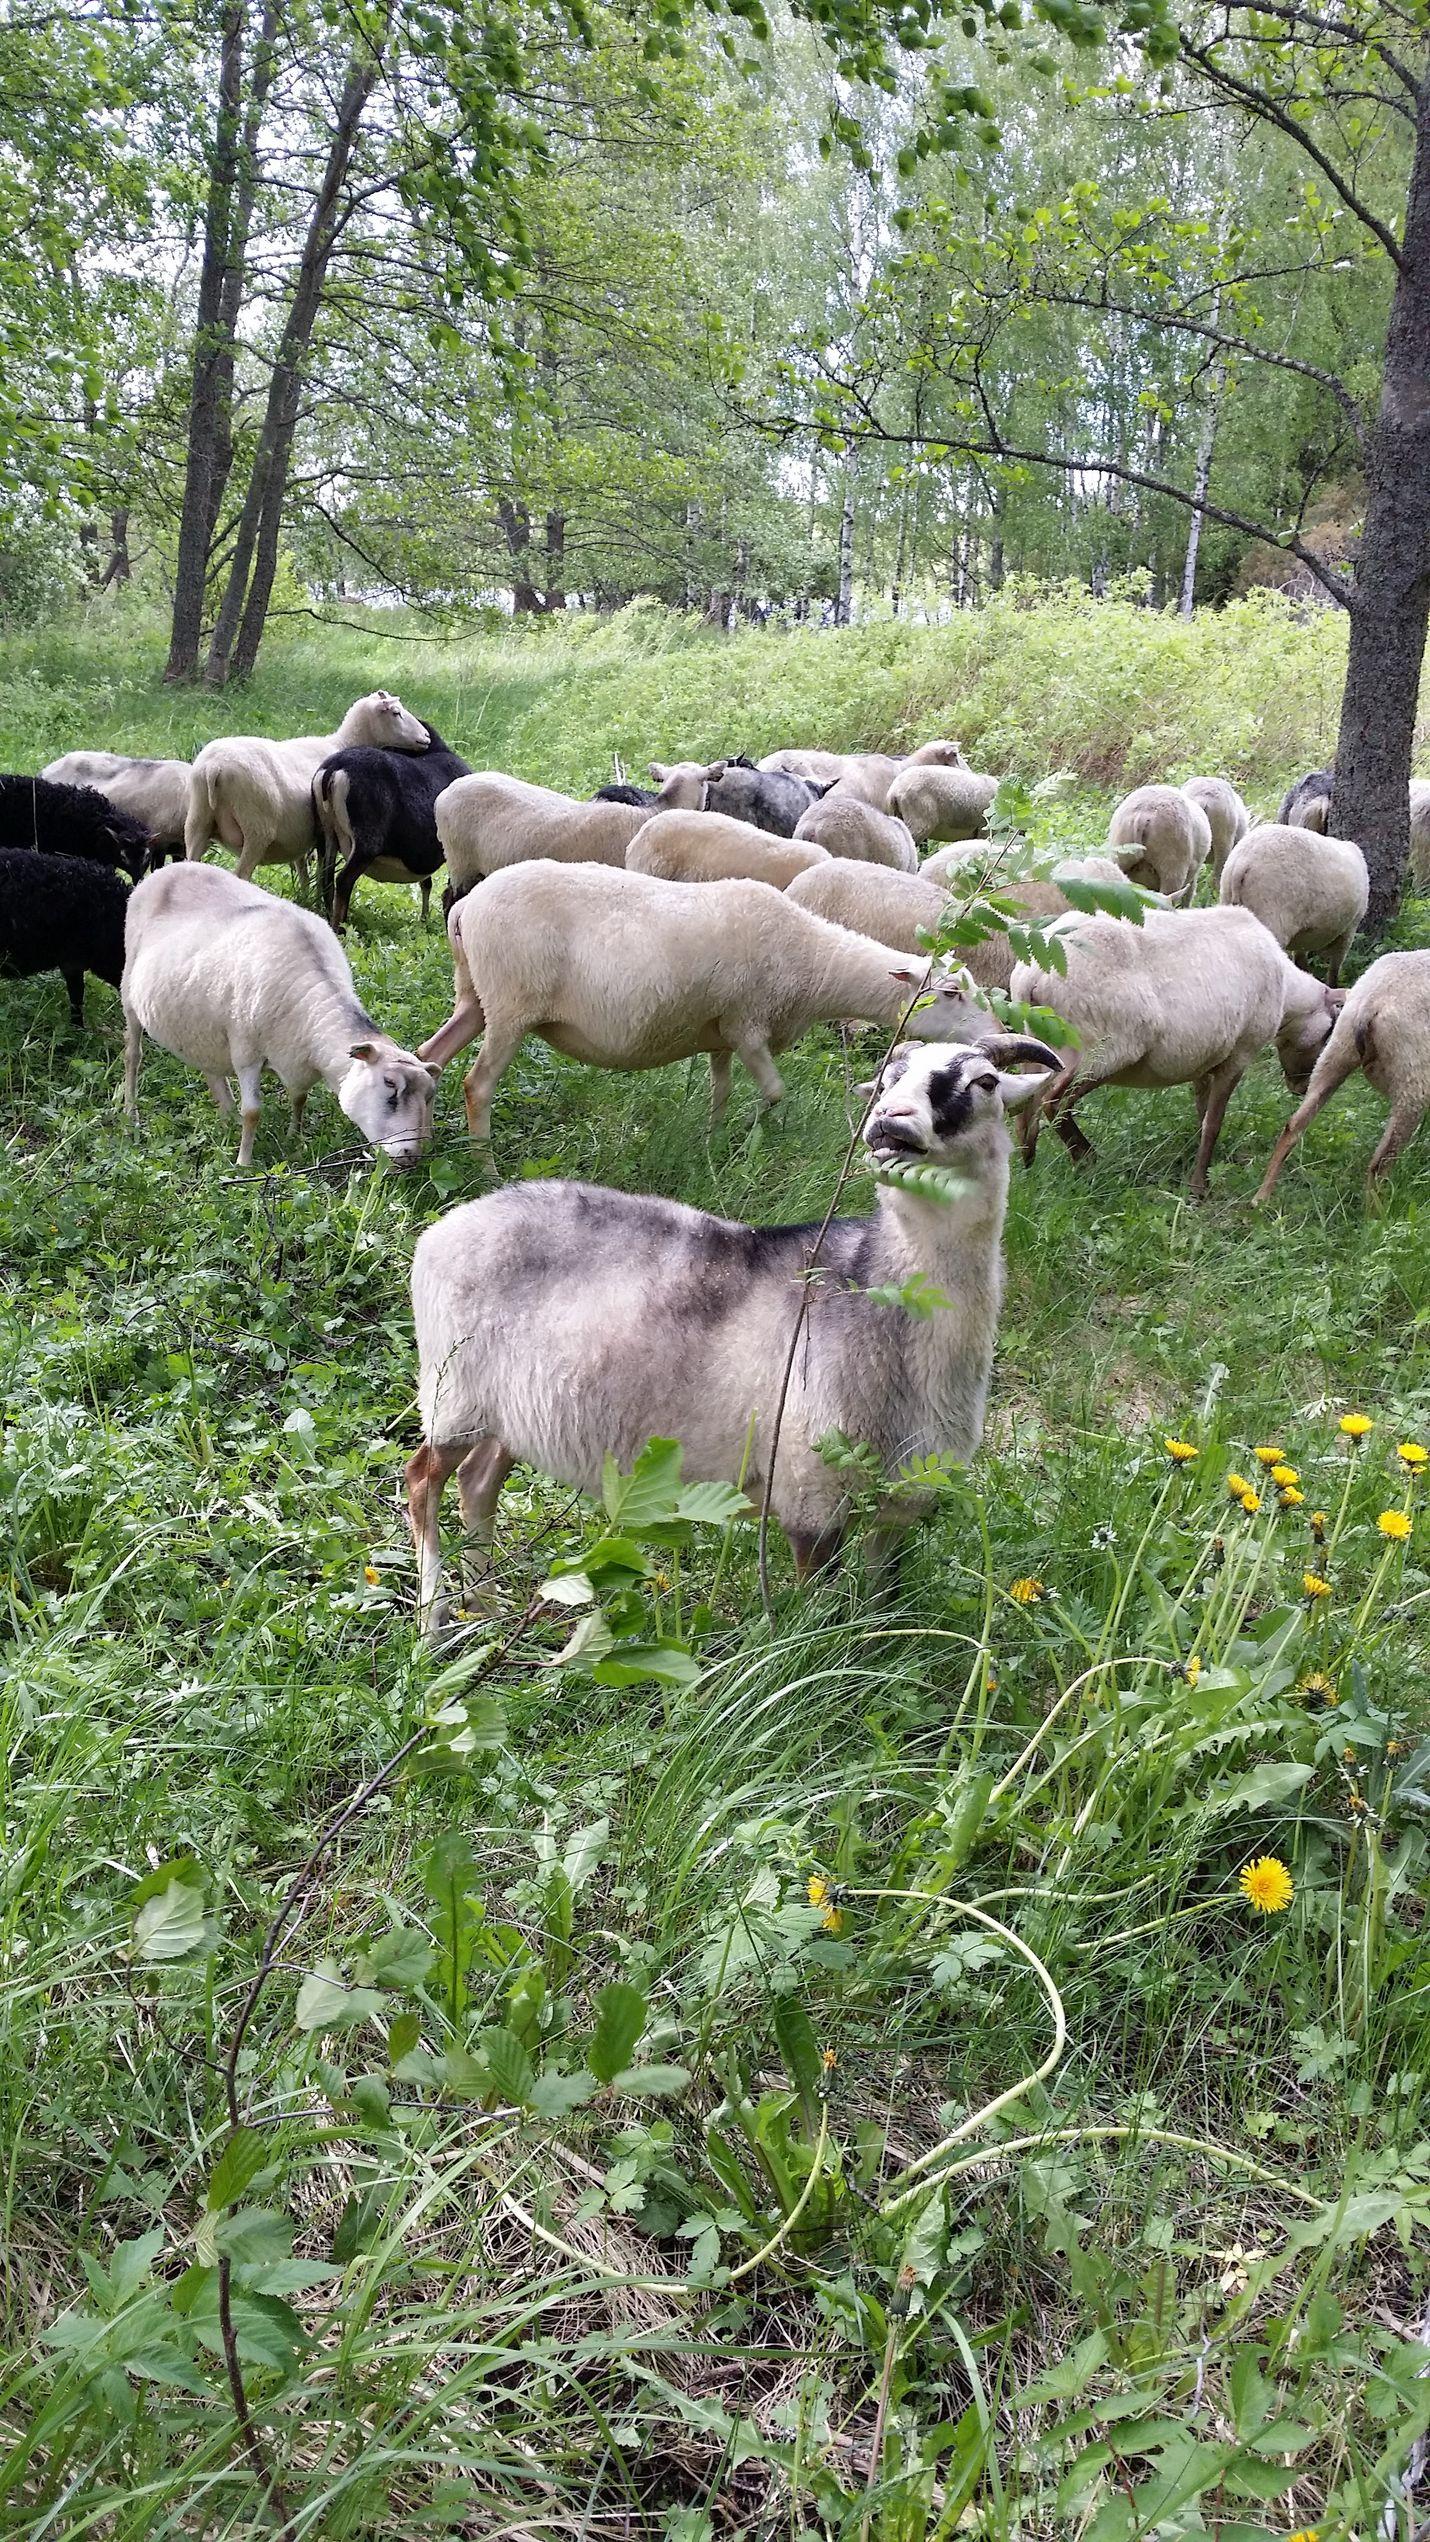 Reilut 30 lammasta laiduntaa kesän ajan Kaunissaaressa. Kuva: Hanna-Leena Juhola